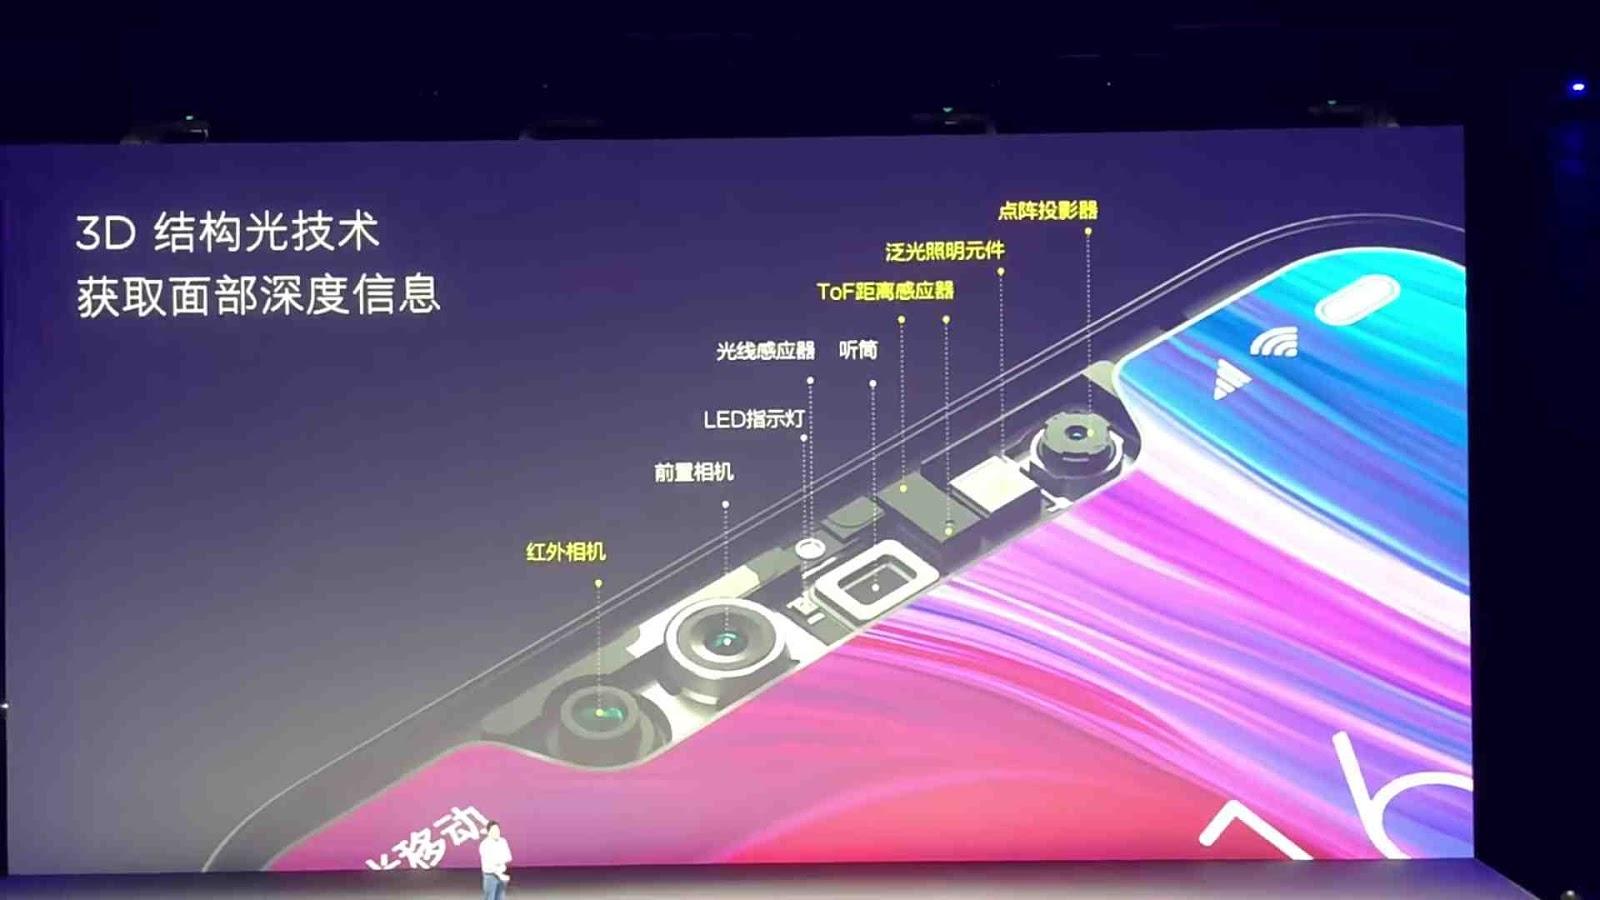 Xiaomi Mi 8 Notch Components and Sensors